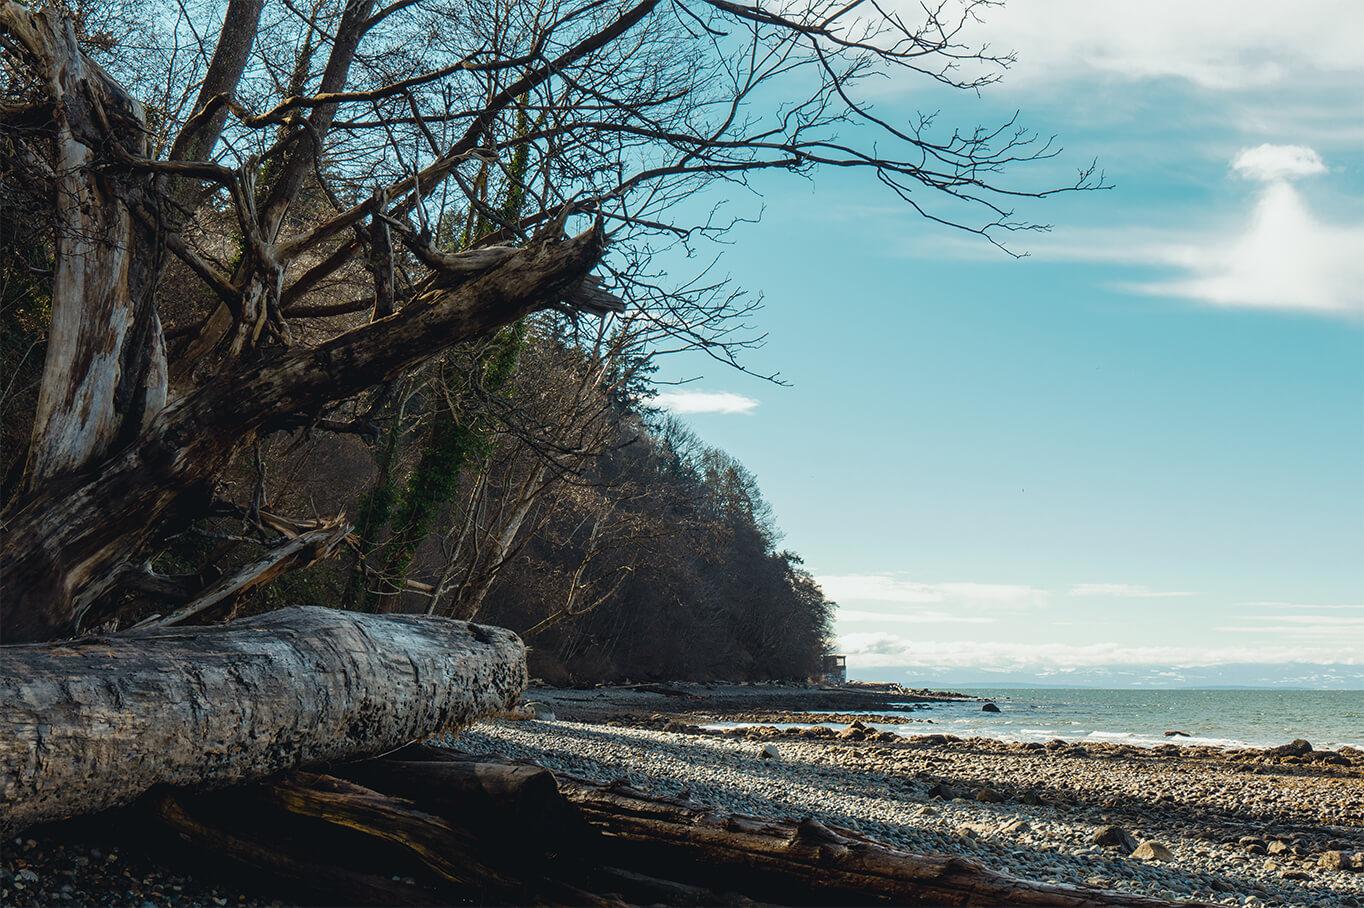 Foreshore Trail - Steinstrand mit Bäumen